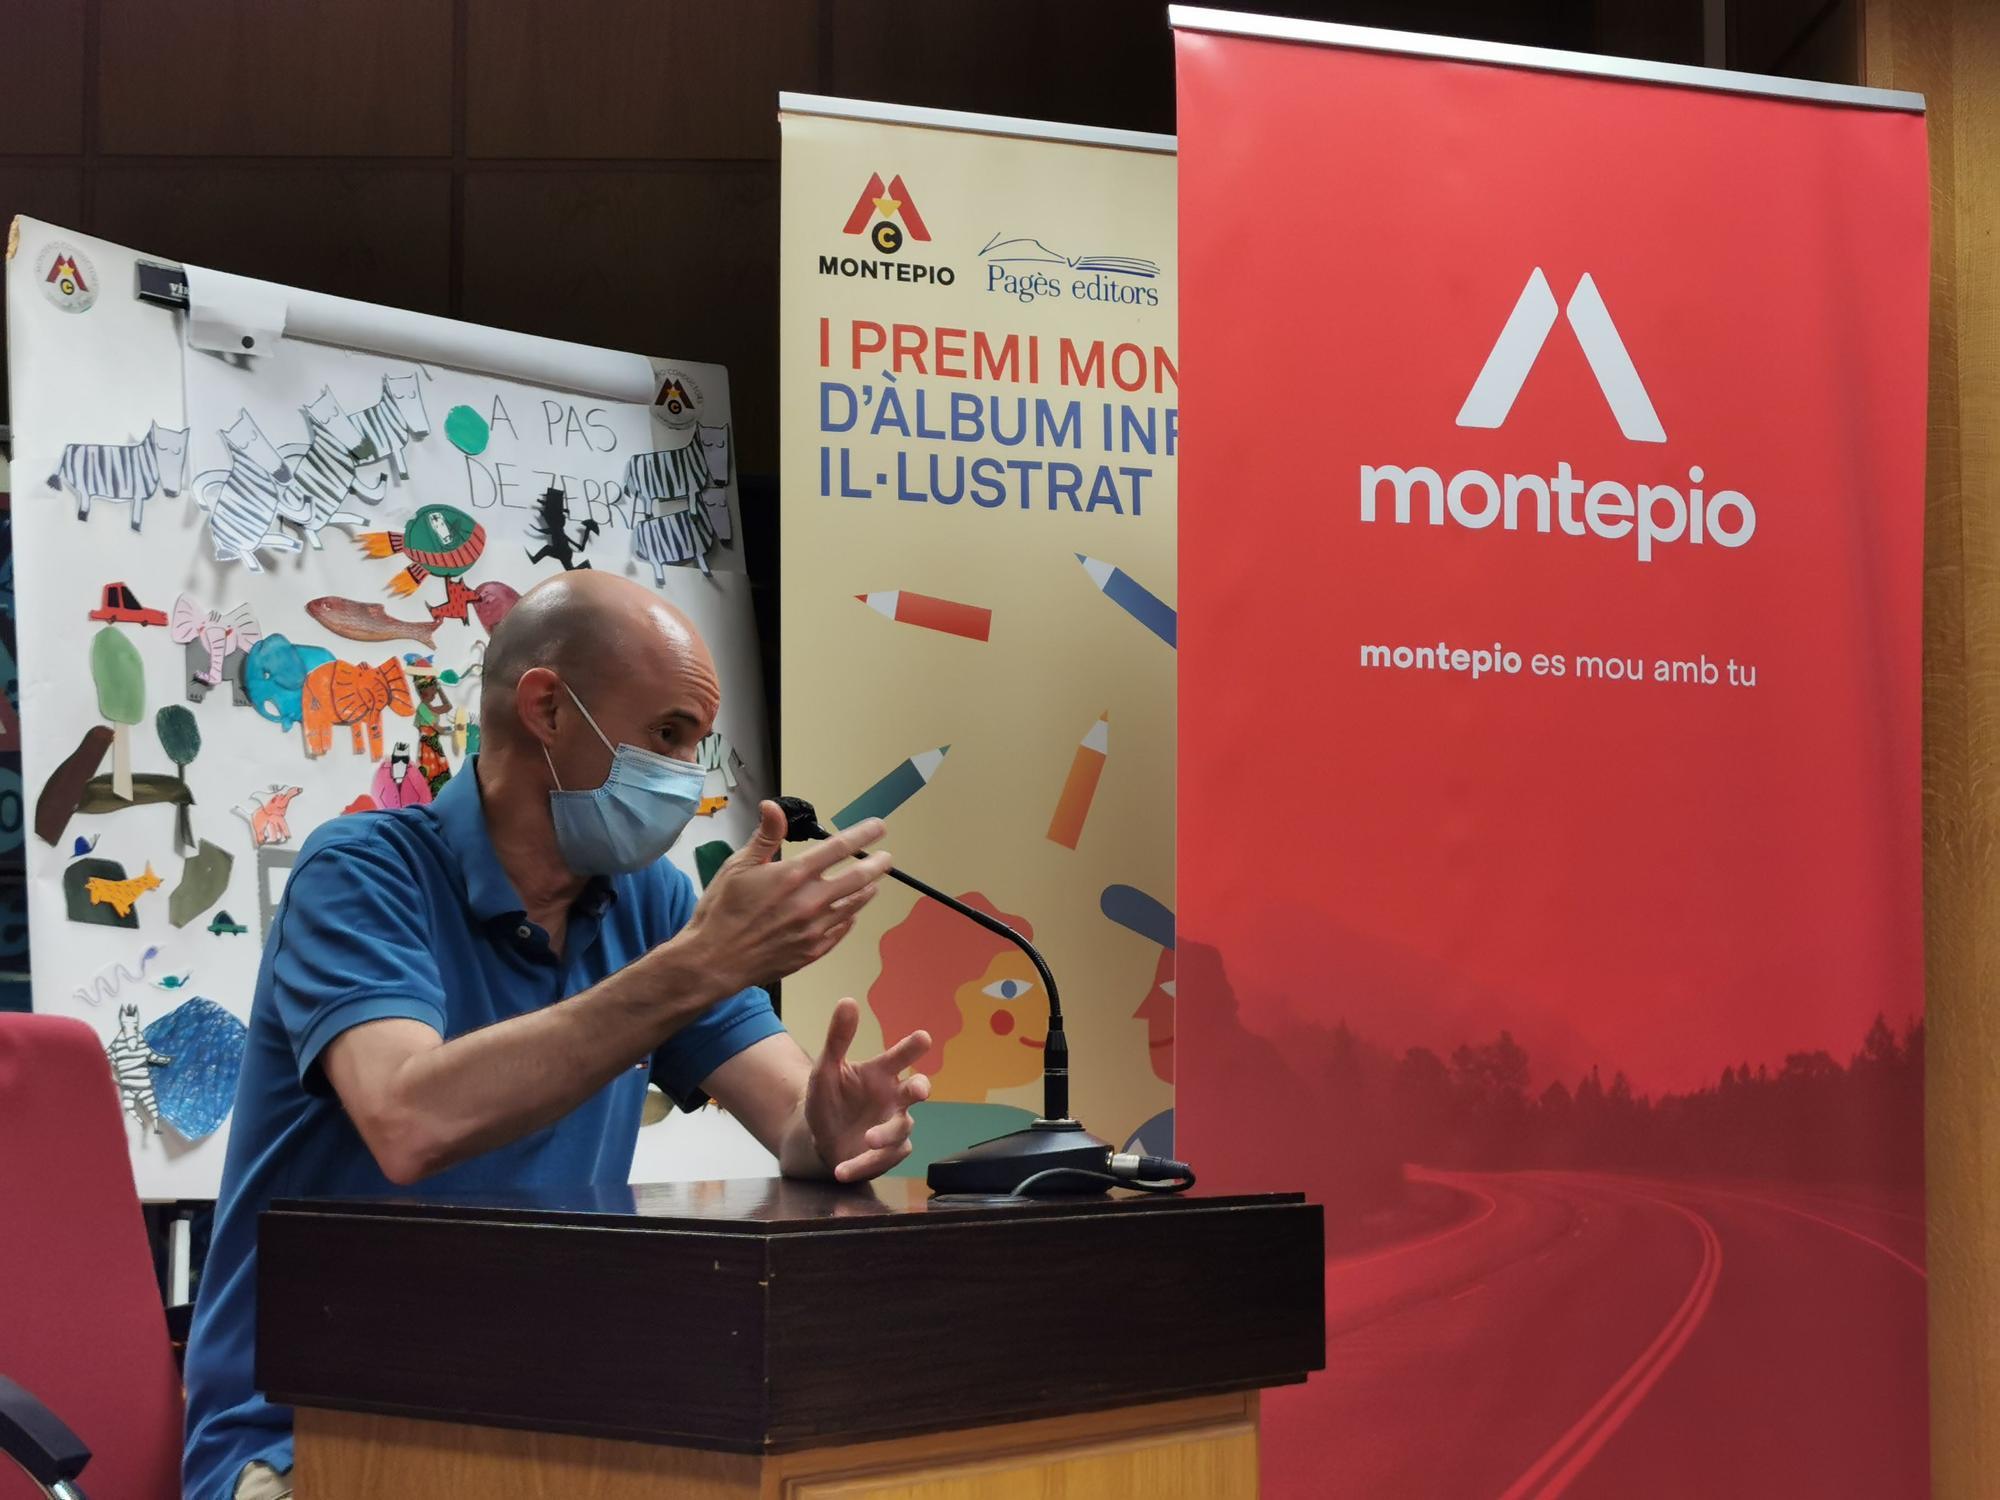 Festes de Sant Cristòfol del Montepio de Conductors a Manresa